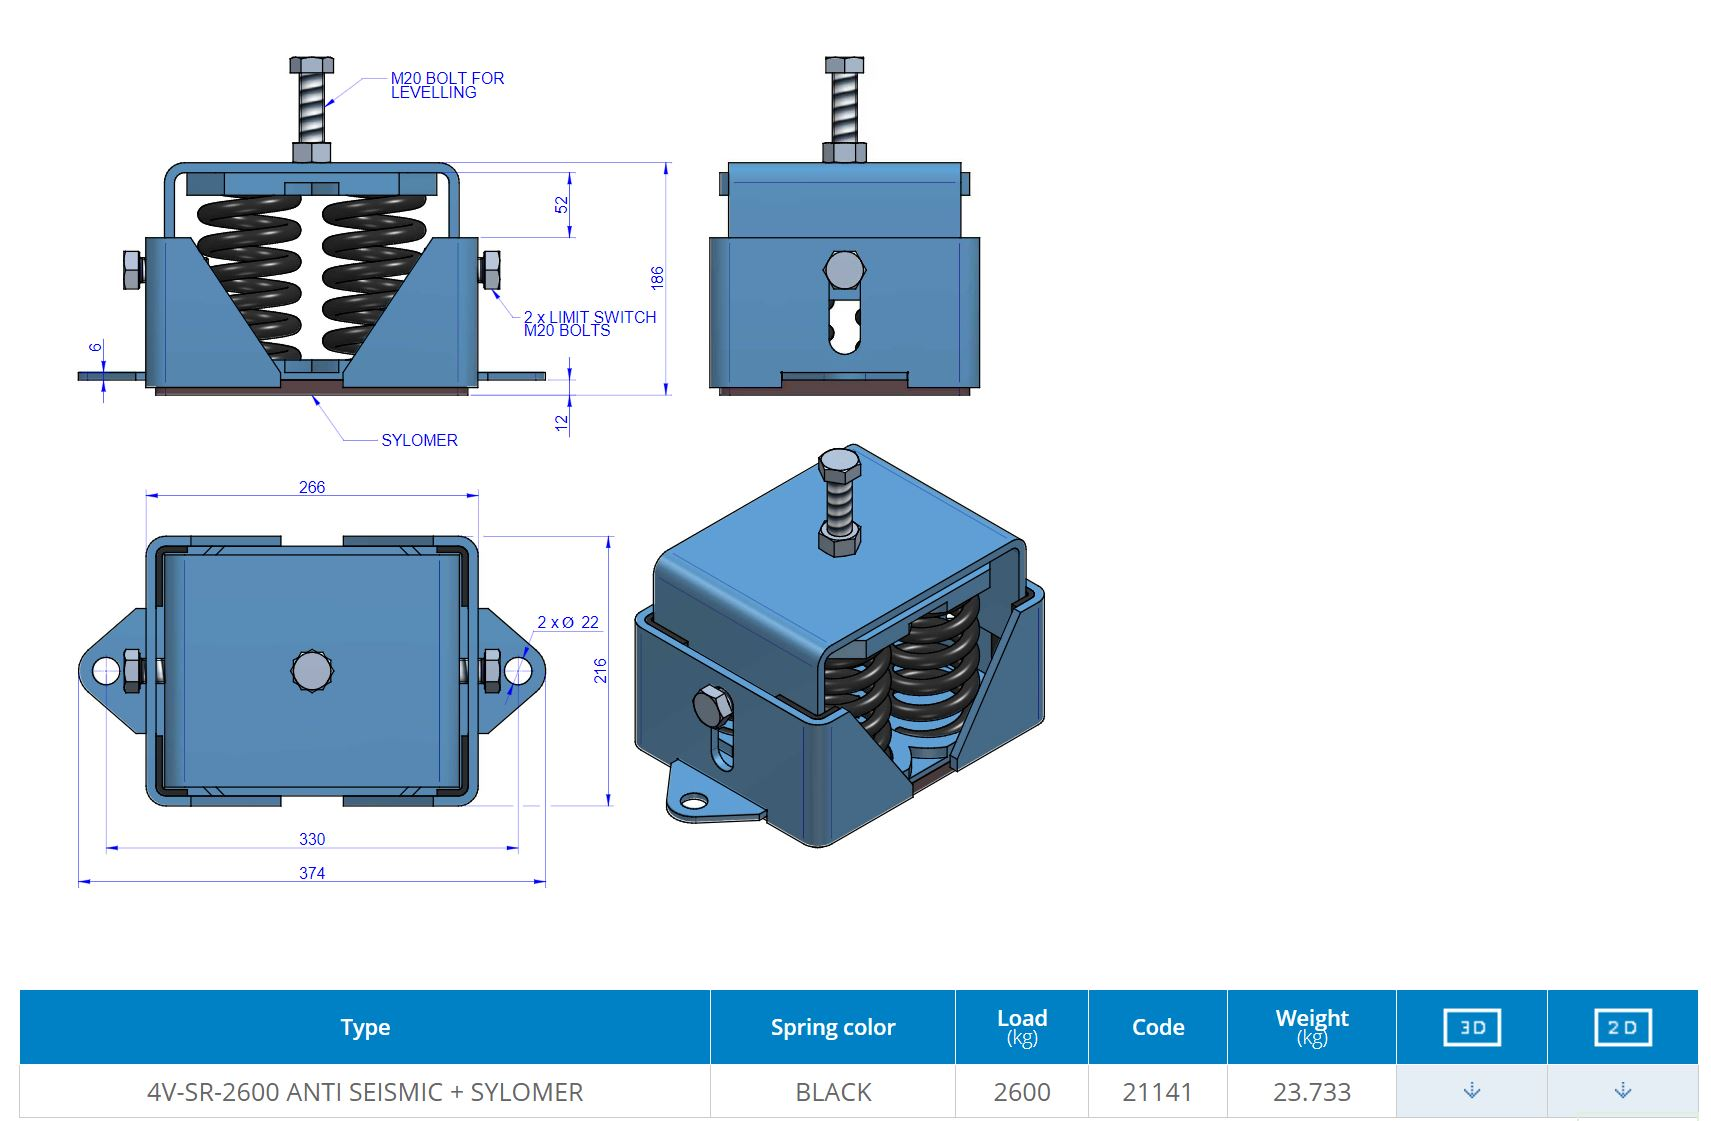 4V-SR-2600 ANTI SEISMIC + SYLOMER